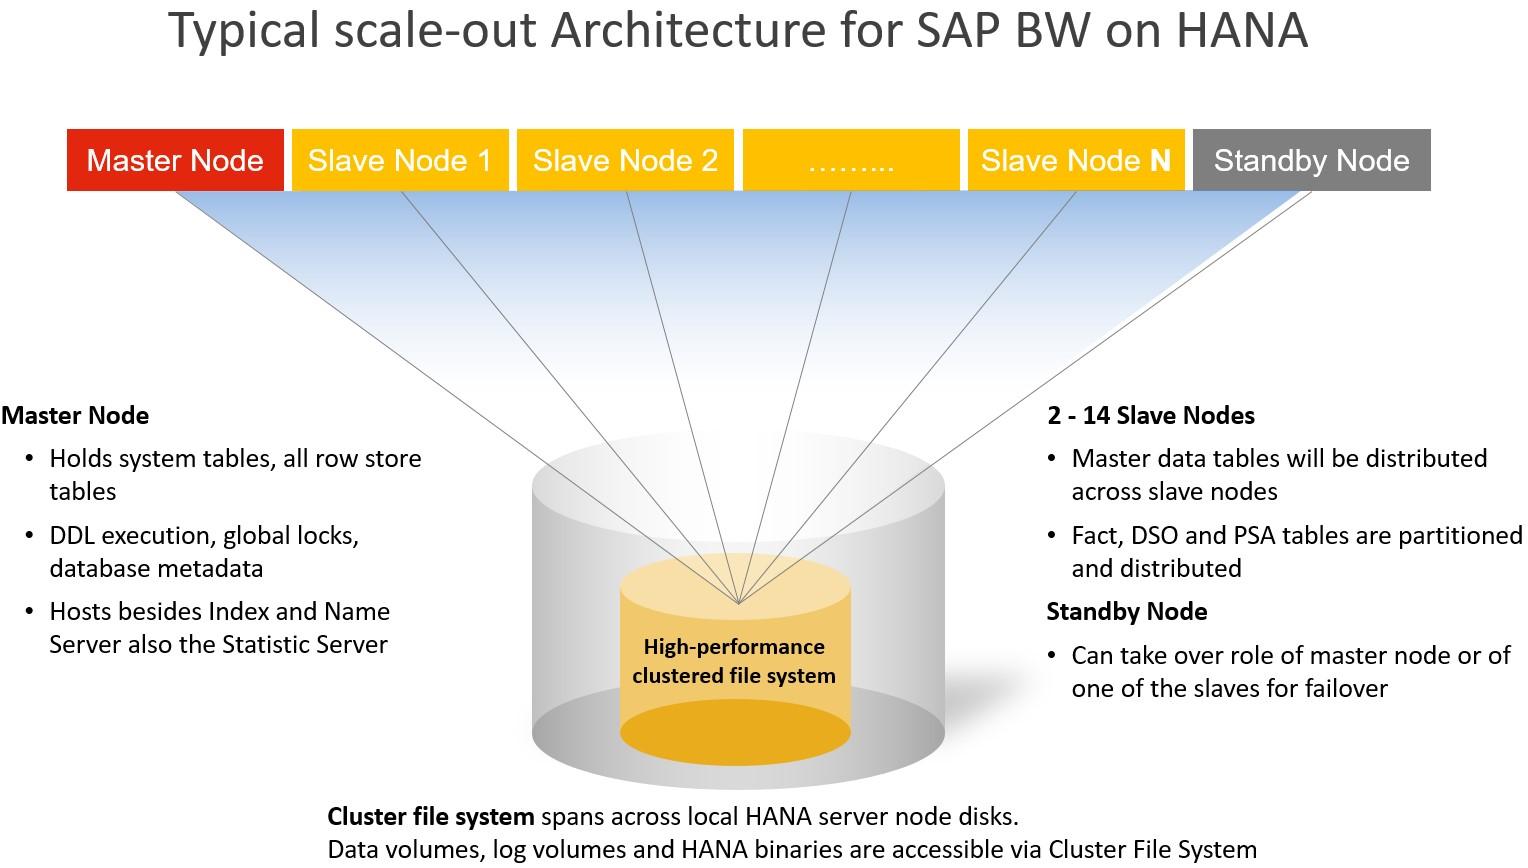 Managing large SAP BW on HANA systems: SAP HANA Enterprise